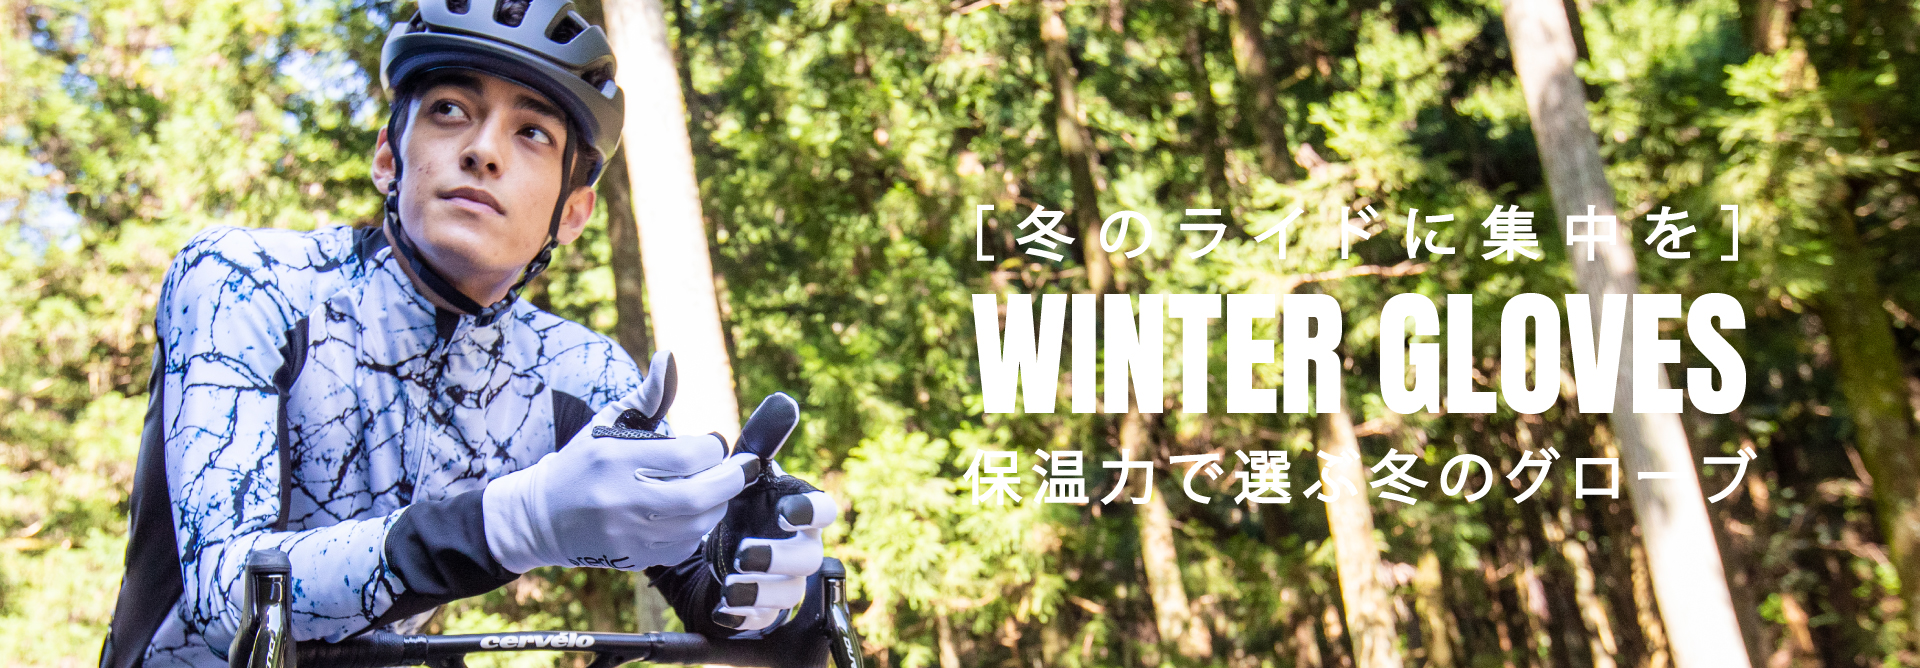 冬のライドに集中を「ウィンターグローブ」